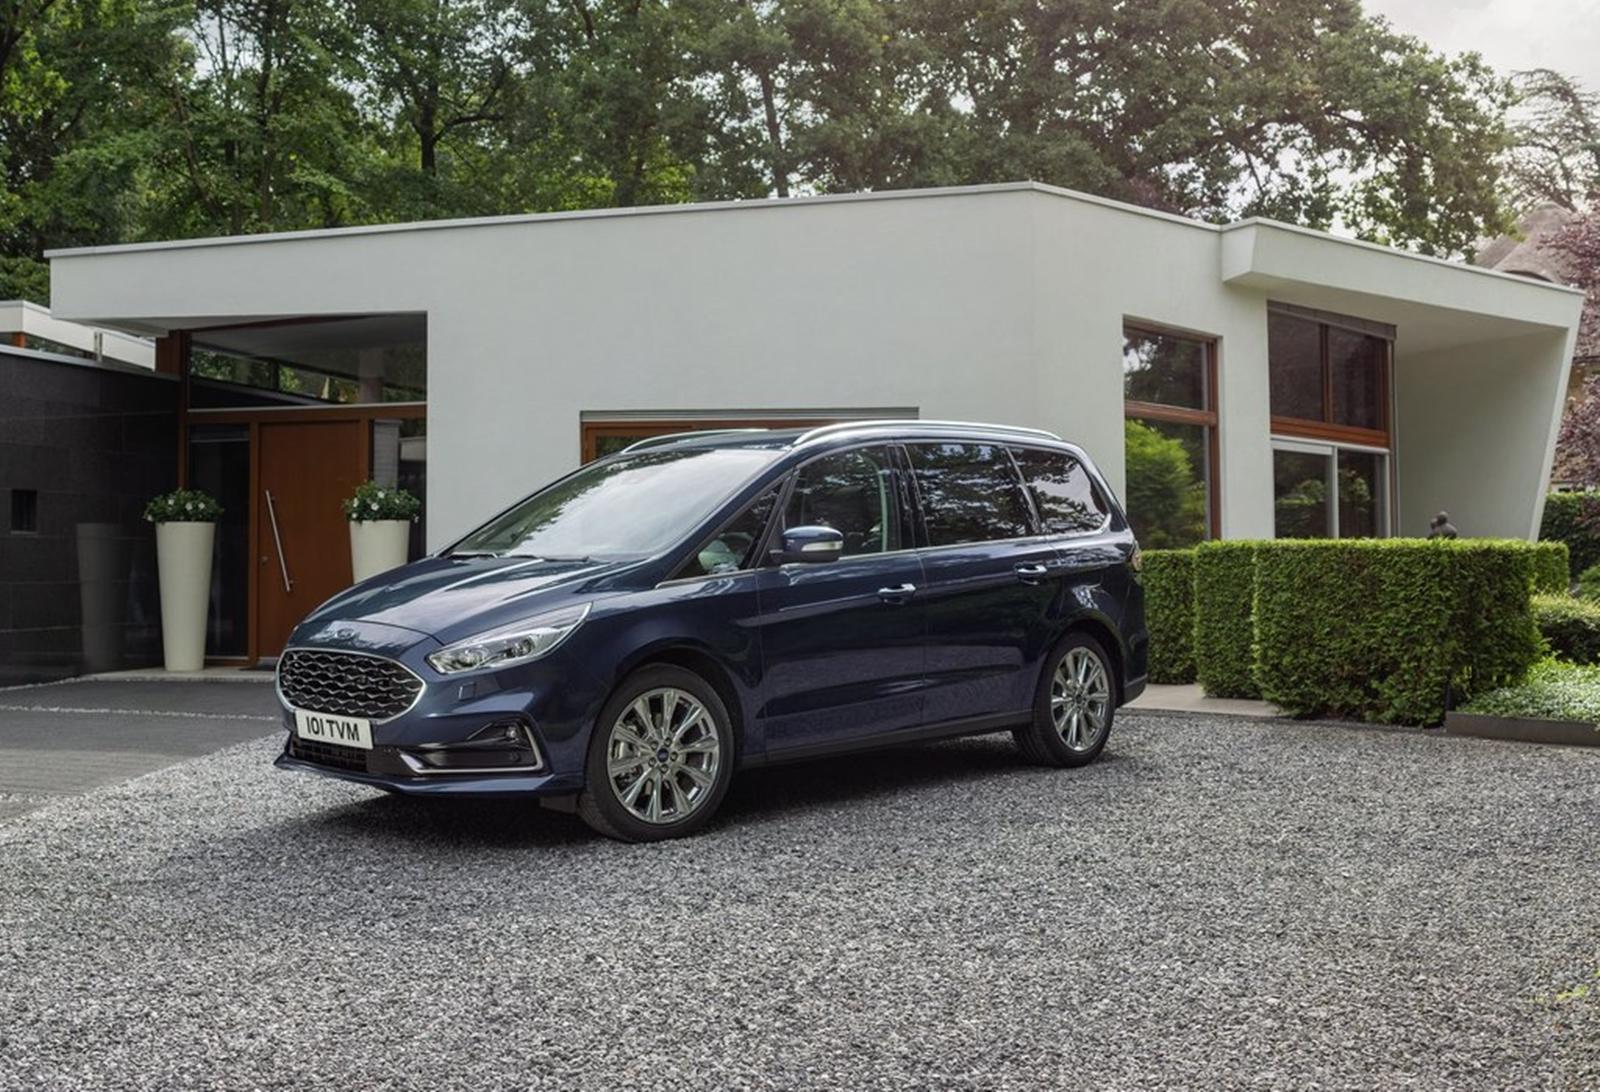 Ford Galaxy Hybrid